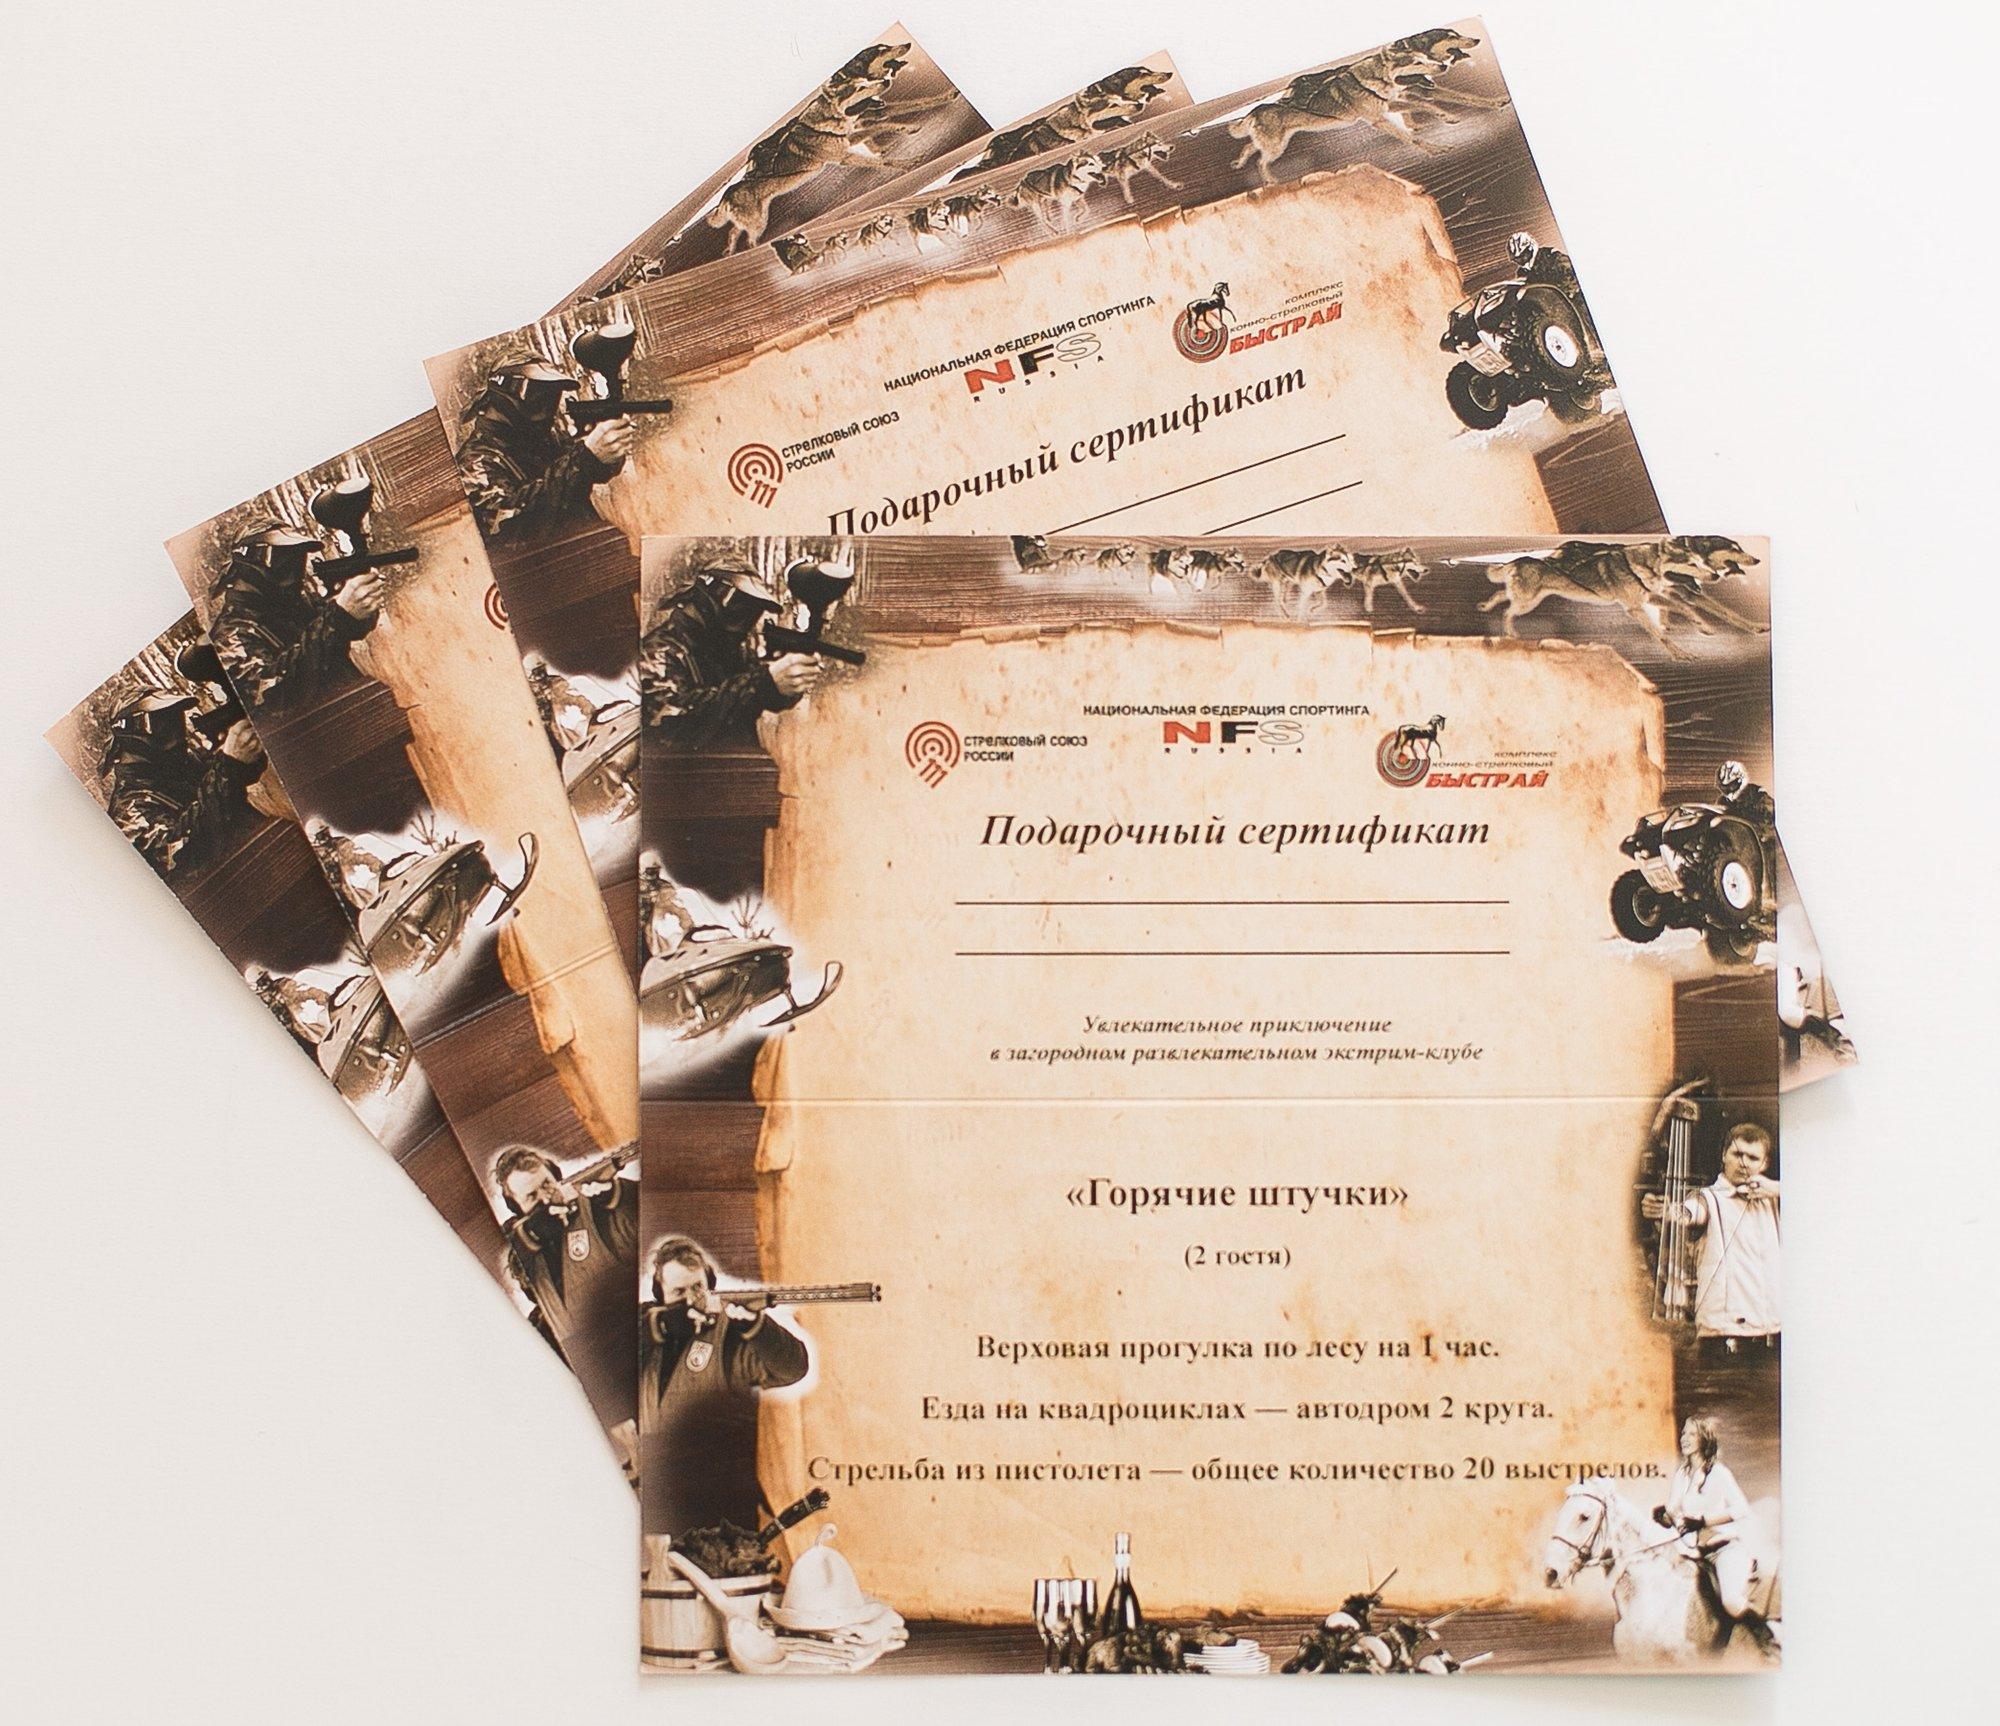 Подарочные сертификаты приключение в подарок